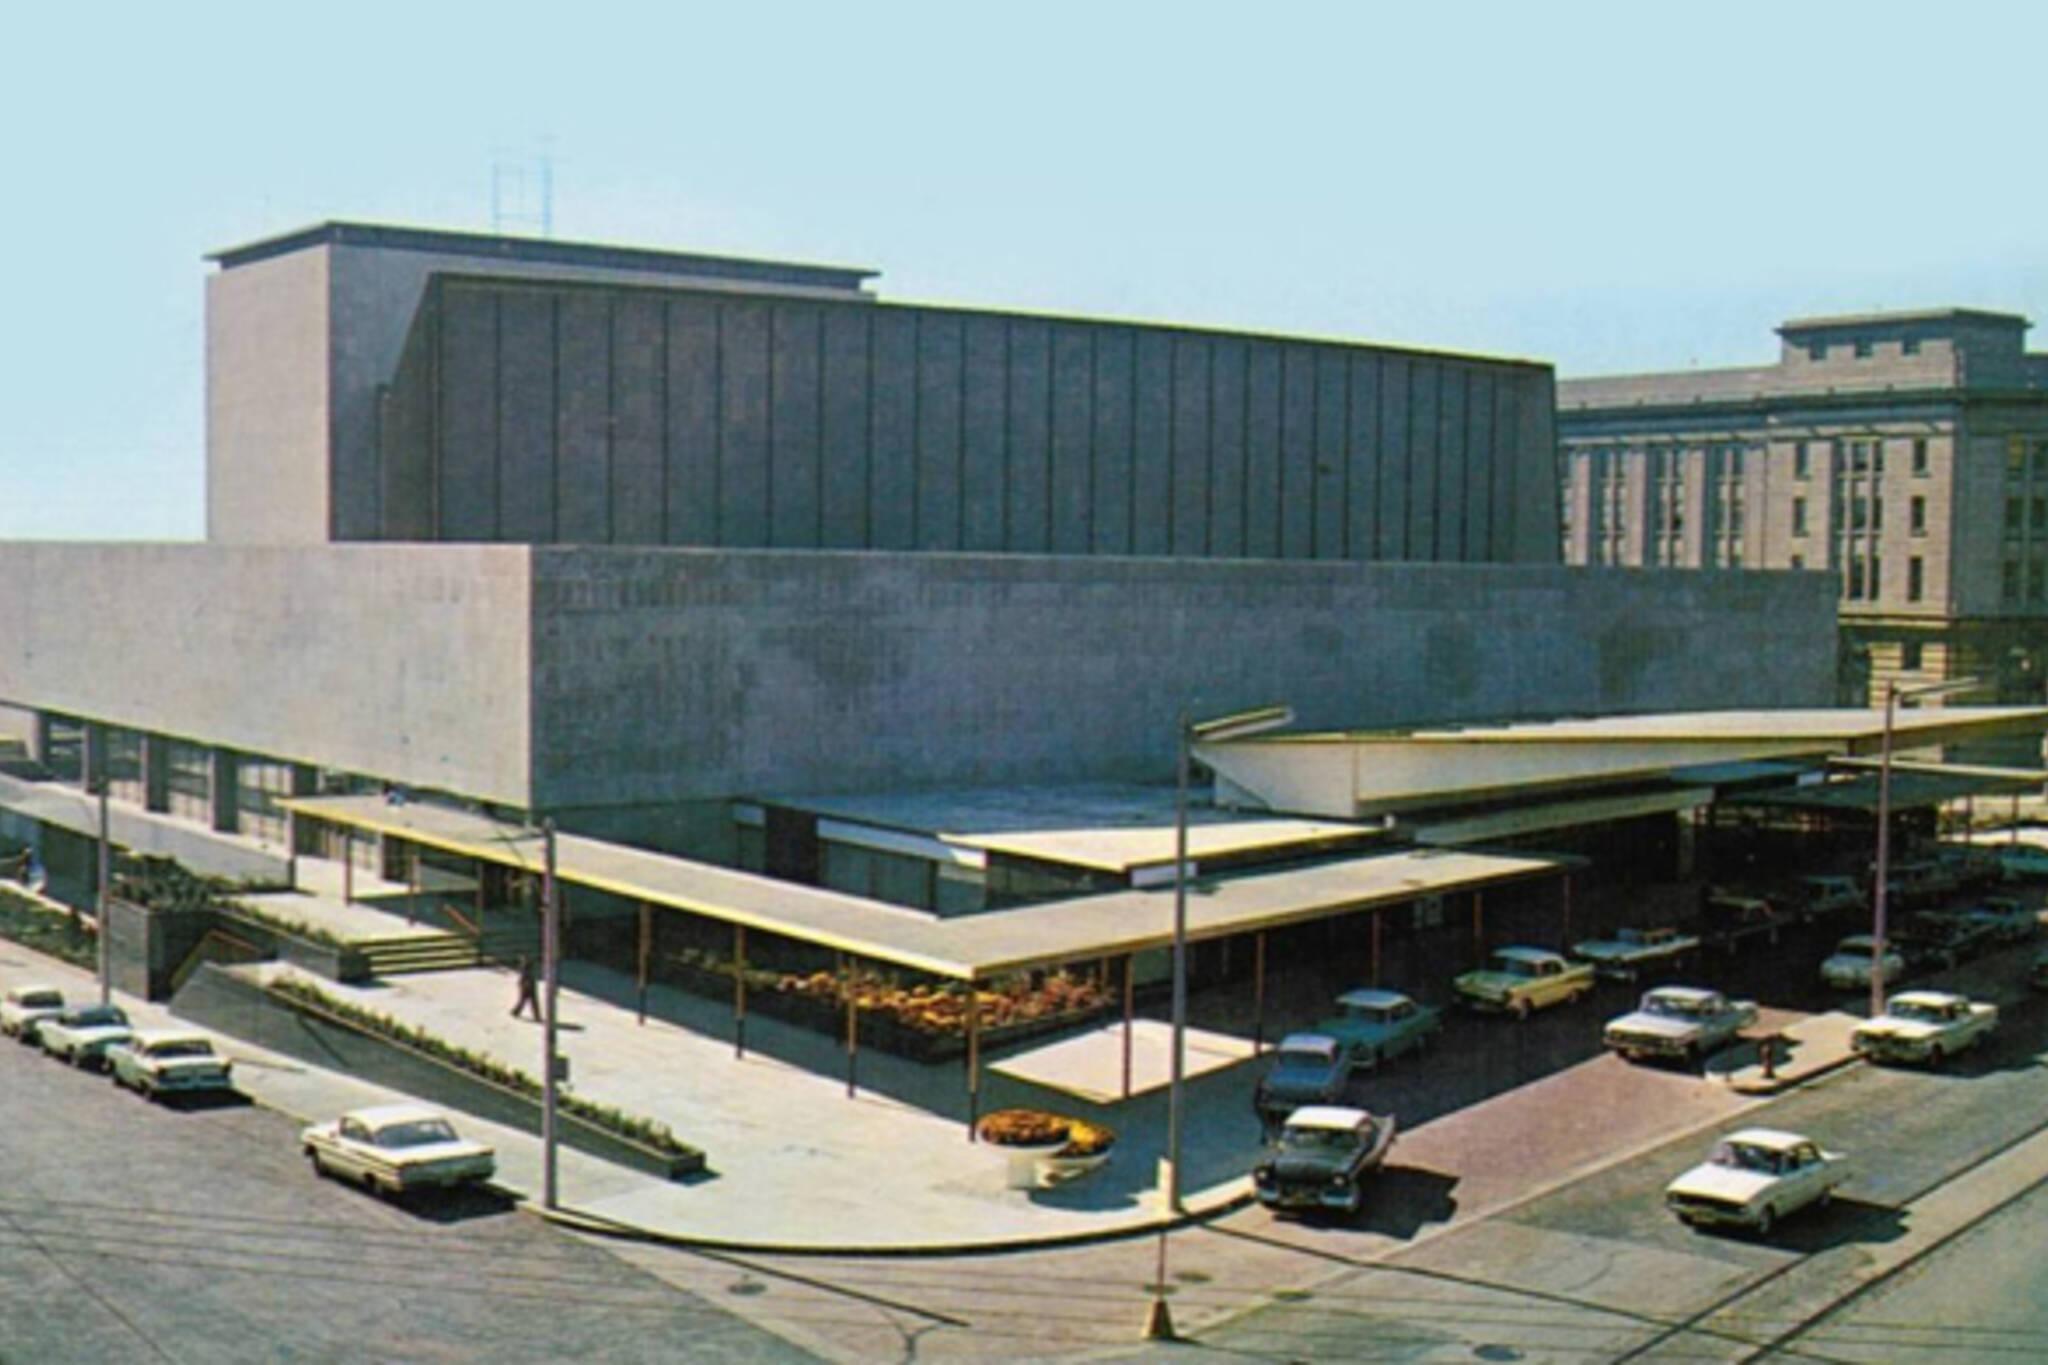 O'Keefe Centre